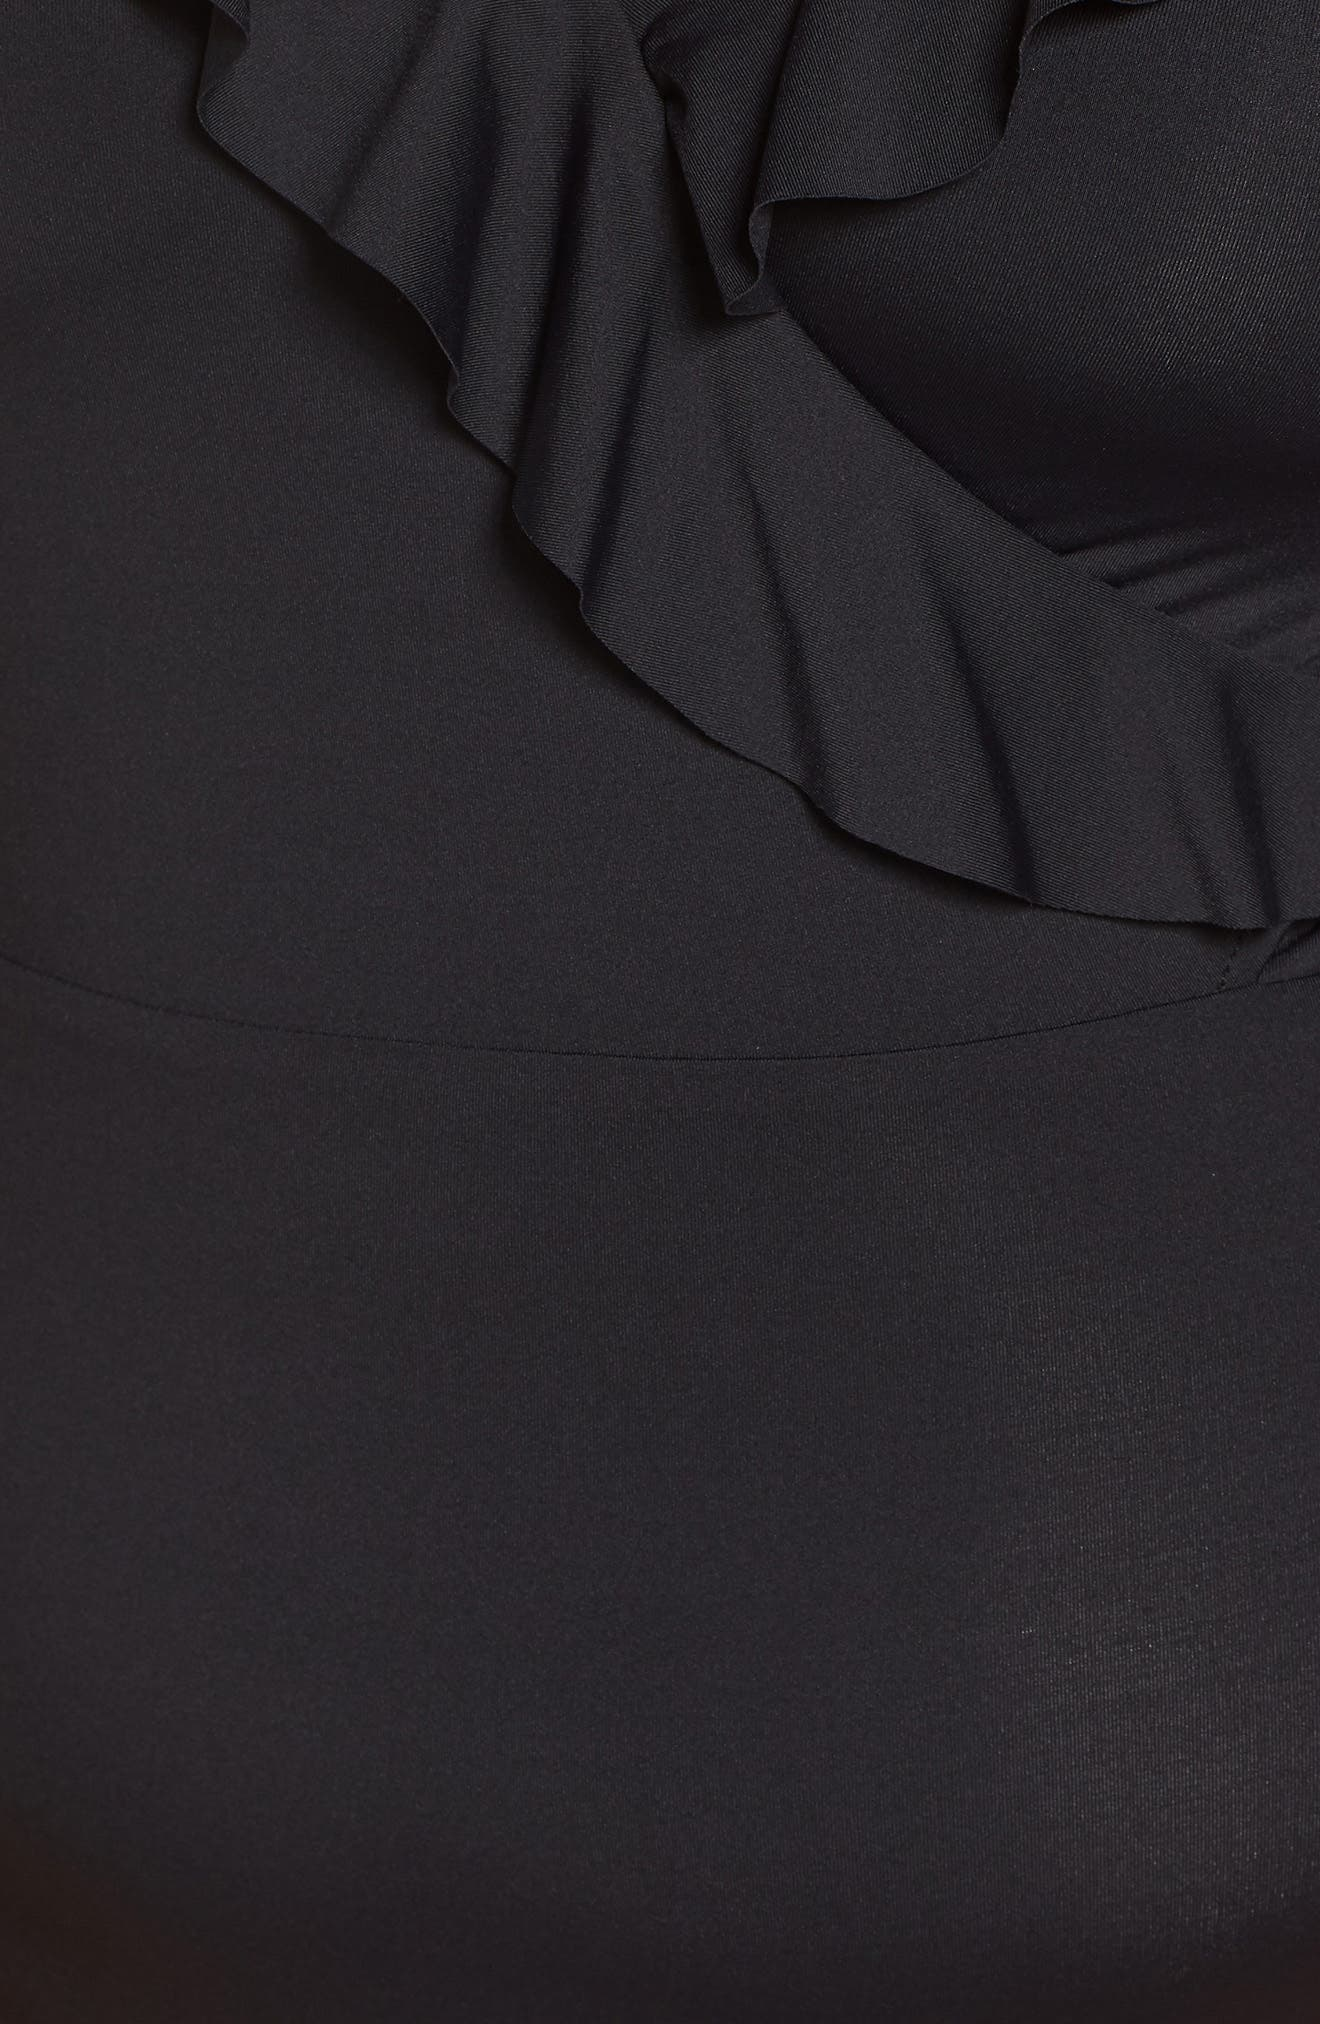 BECCA ETC., Color Code One-Piece Swimsuit, Alternate thumbnail 6, color, BLACK